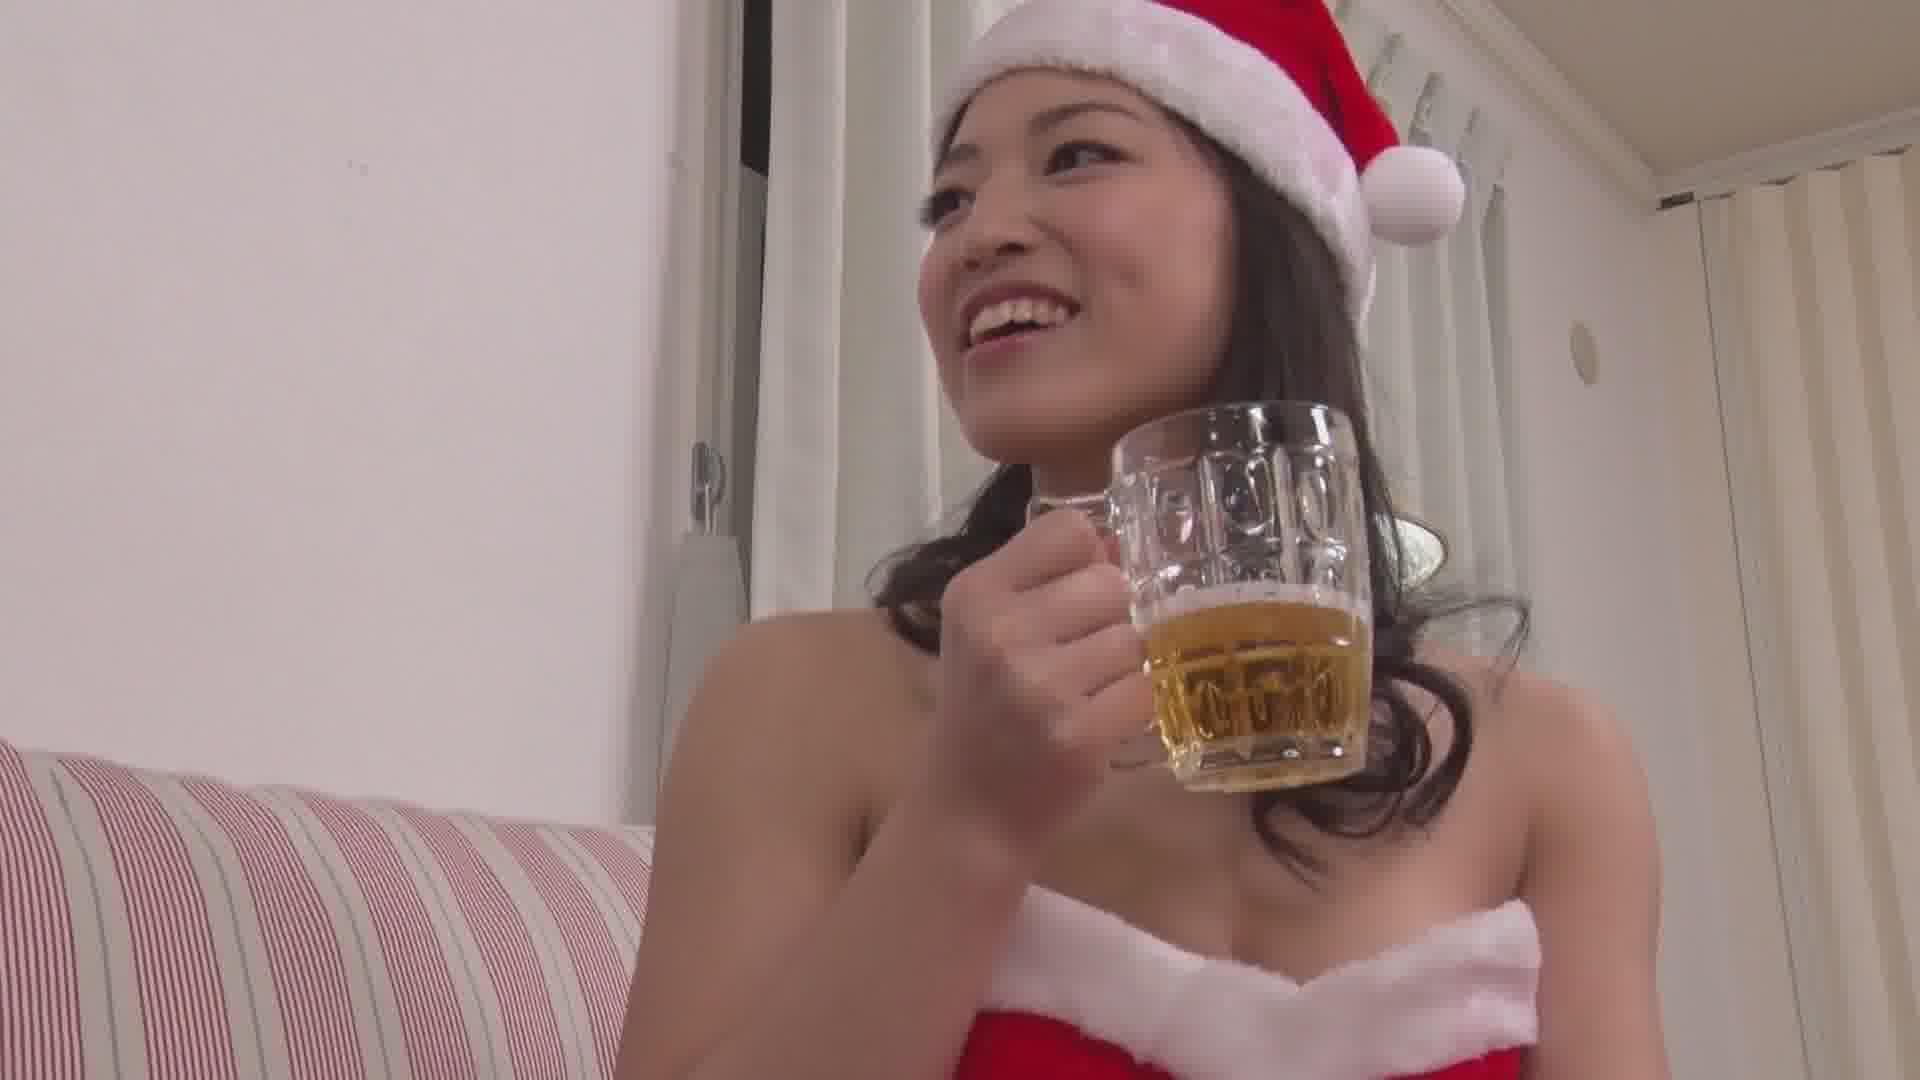 飲み姿エロイイGP ~中出しされて興奮する泥酔サンタ~ - 日高千晶【コスプレ・巨乳・中出し】